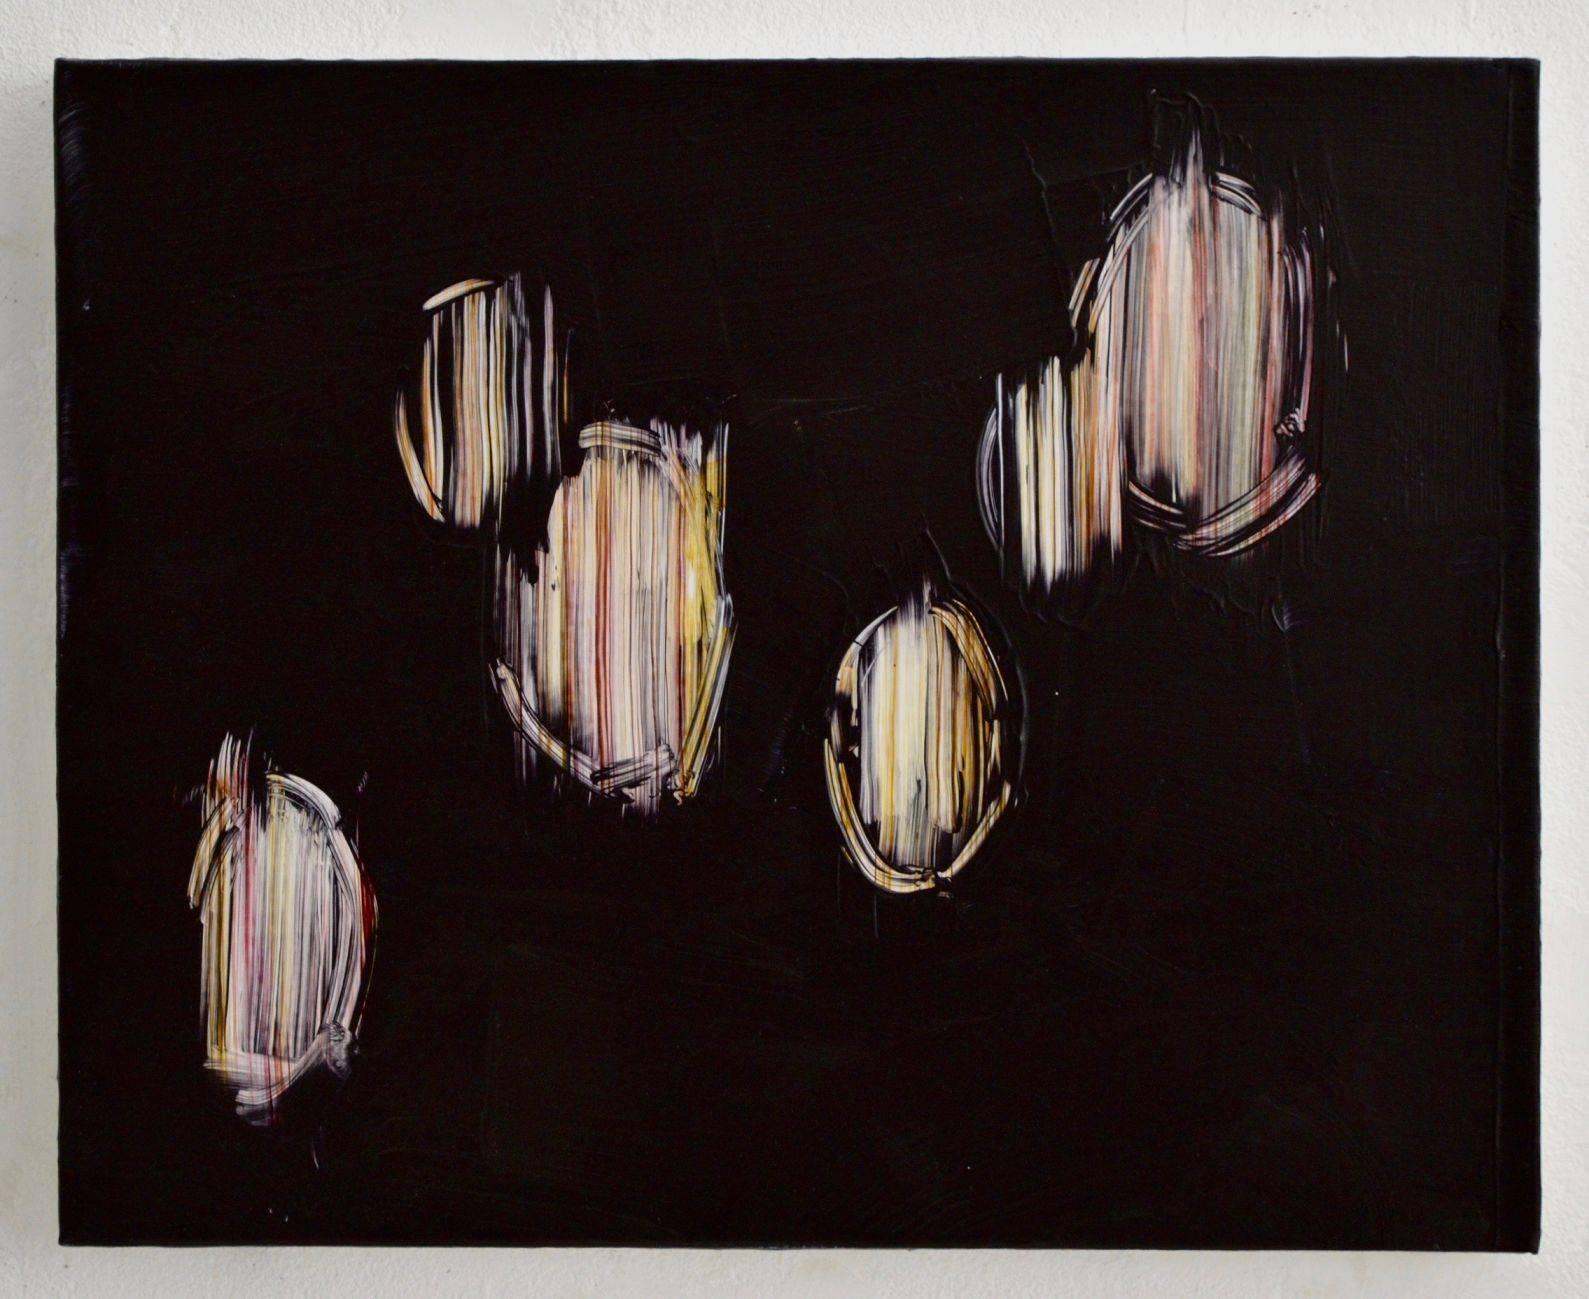 Balloon, bubble Bild Ihres Kunstwerks an der Wand